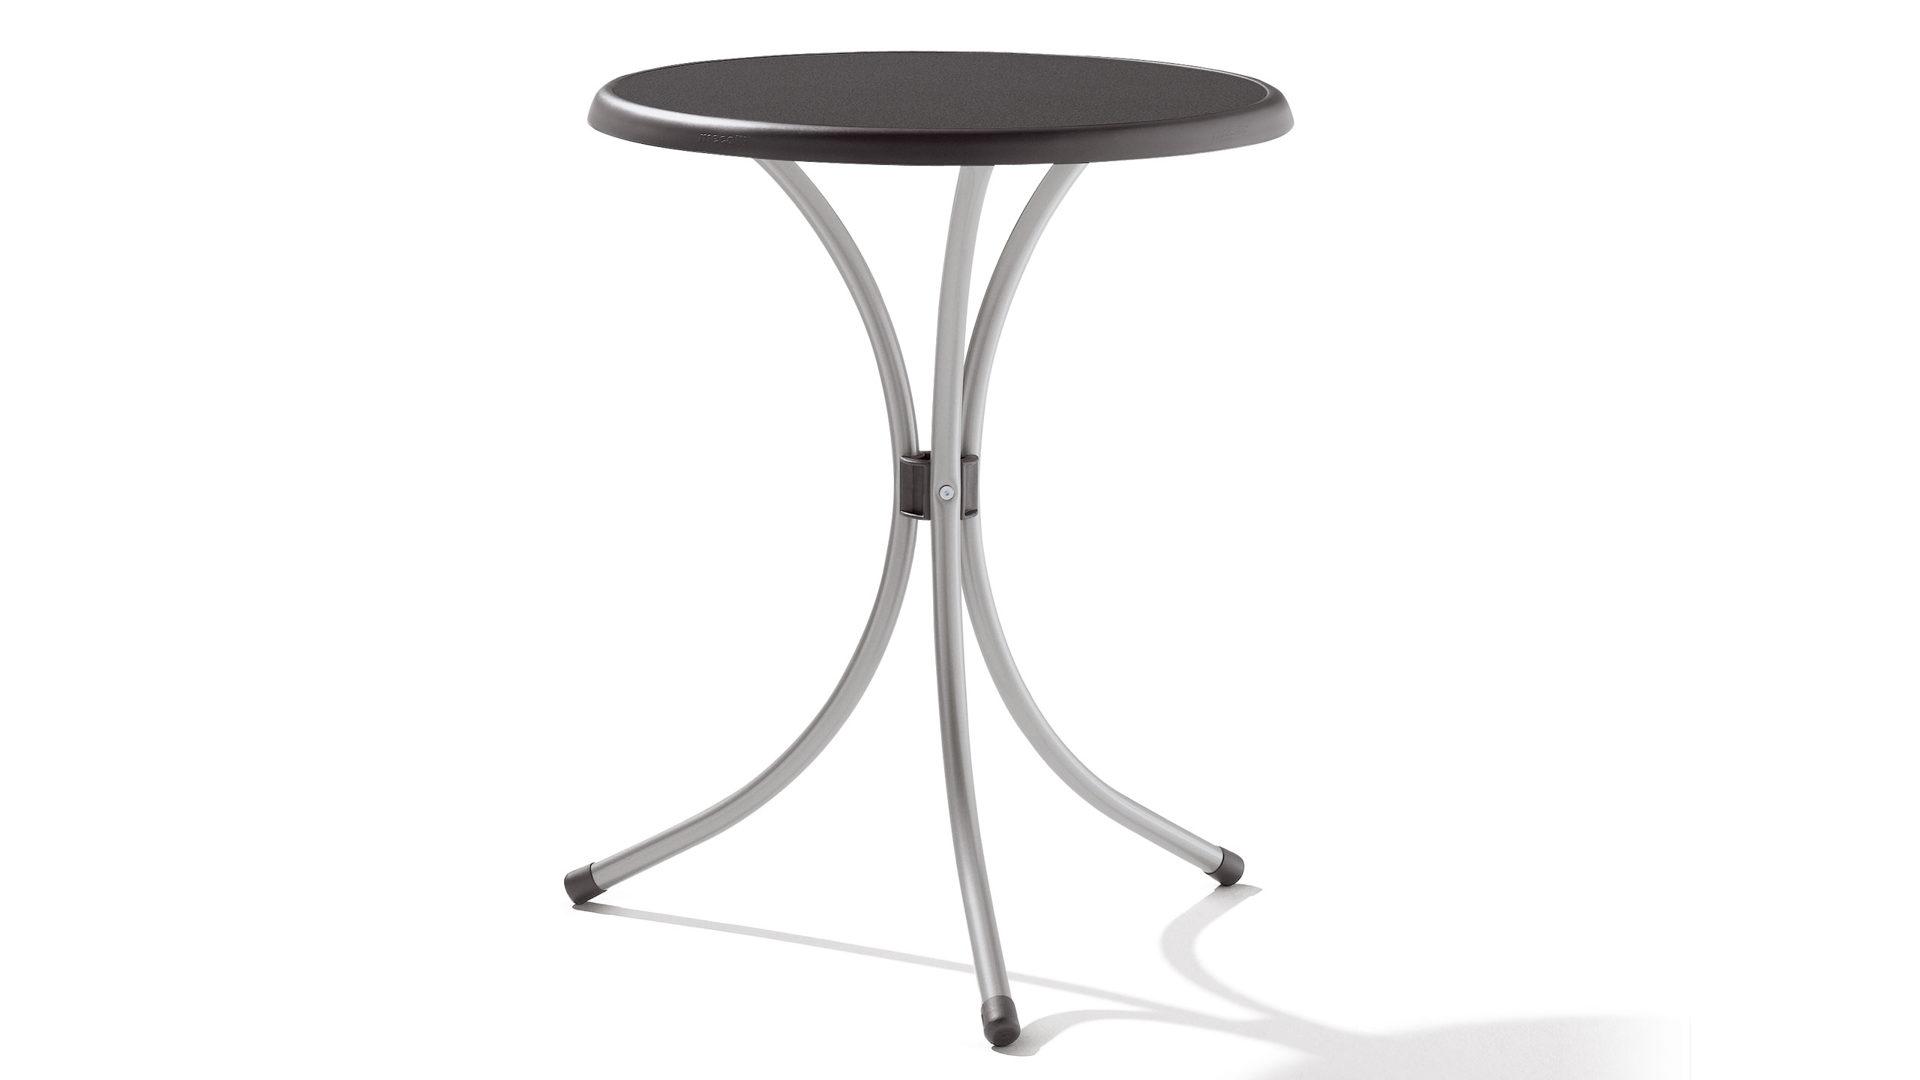 Sieger Gartentisch Tisch Rund 200 A Mecalit D 60 Cm Gestell